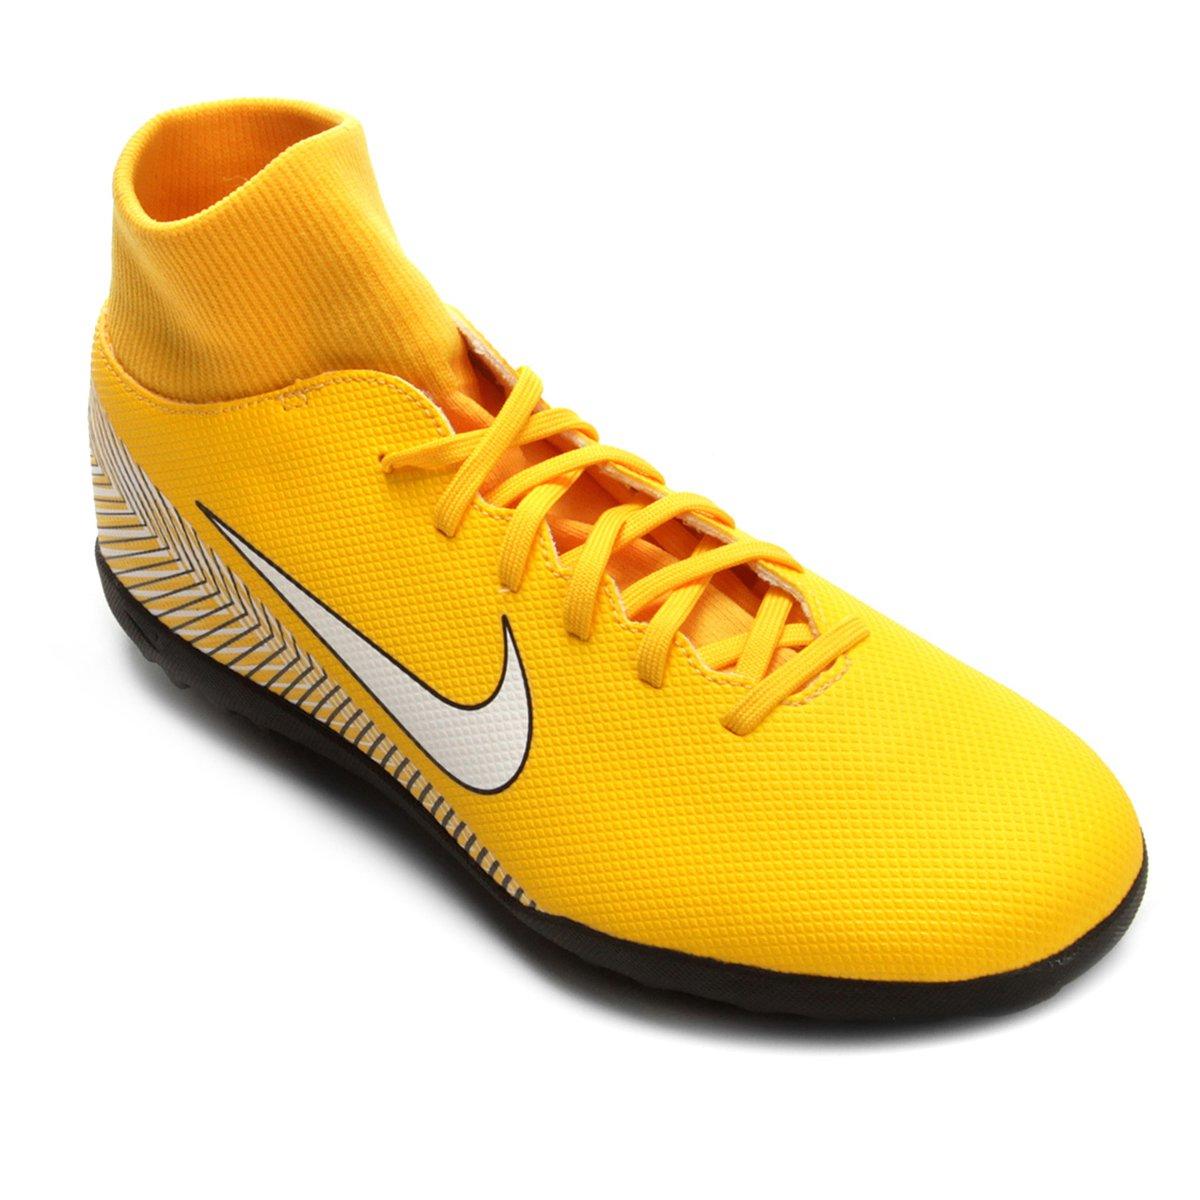 najwyższa jakość na stopach zdjęcia ogromna zniżka Chuteira Society Nike Mercurial Superfly 6 Club Neymar - Amarelo e Preto